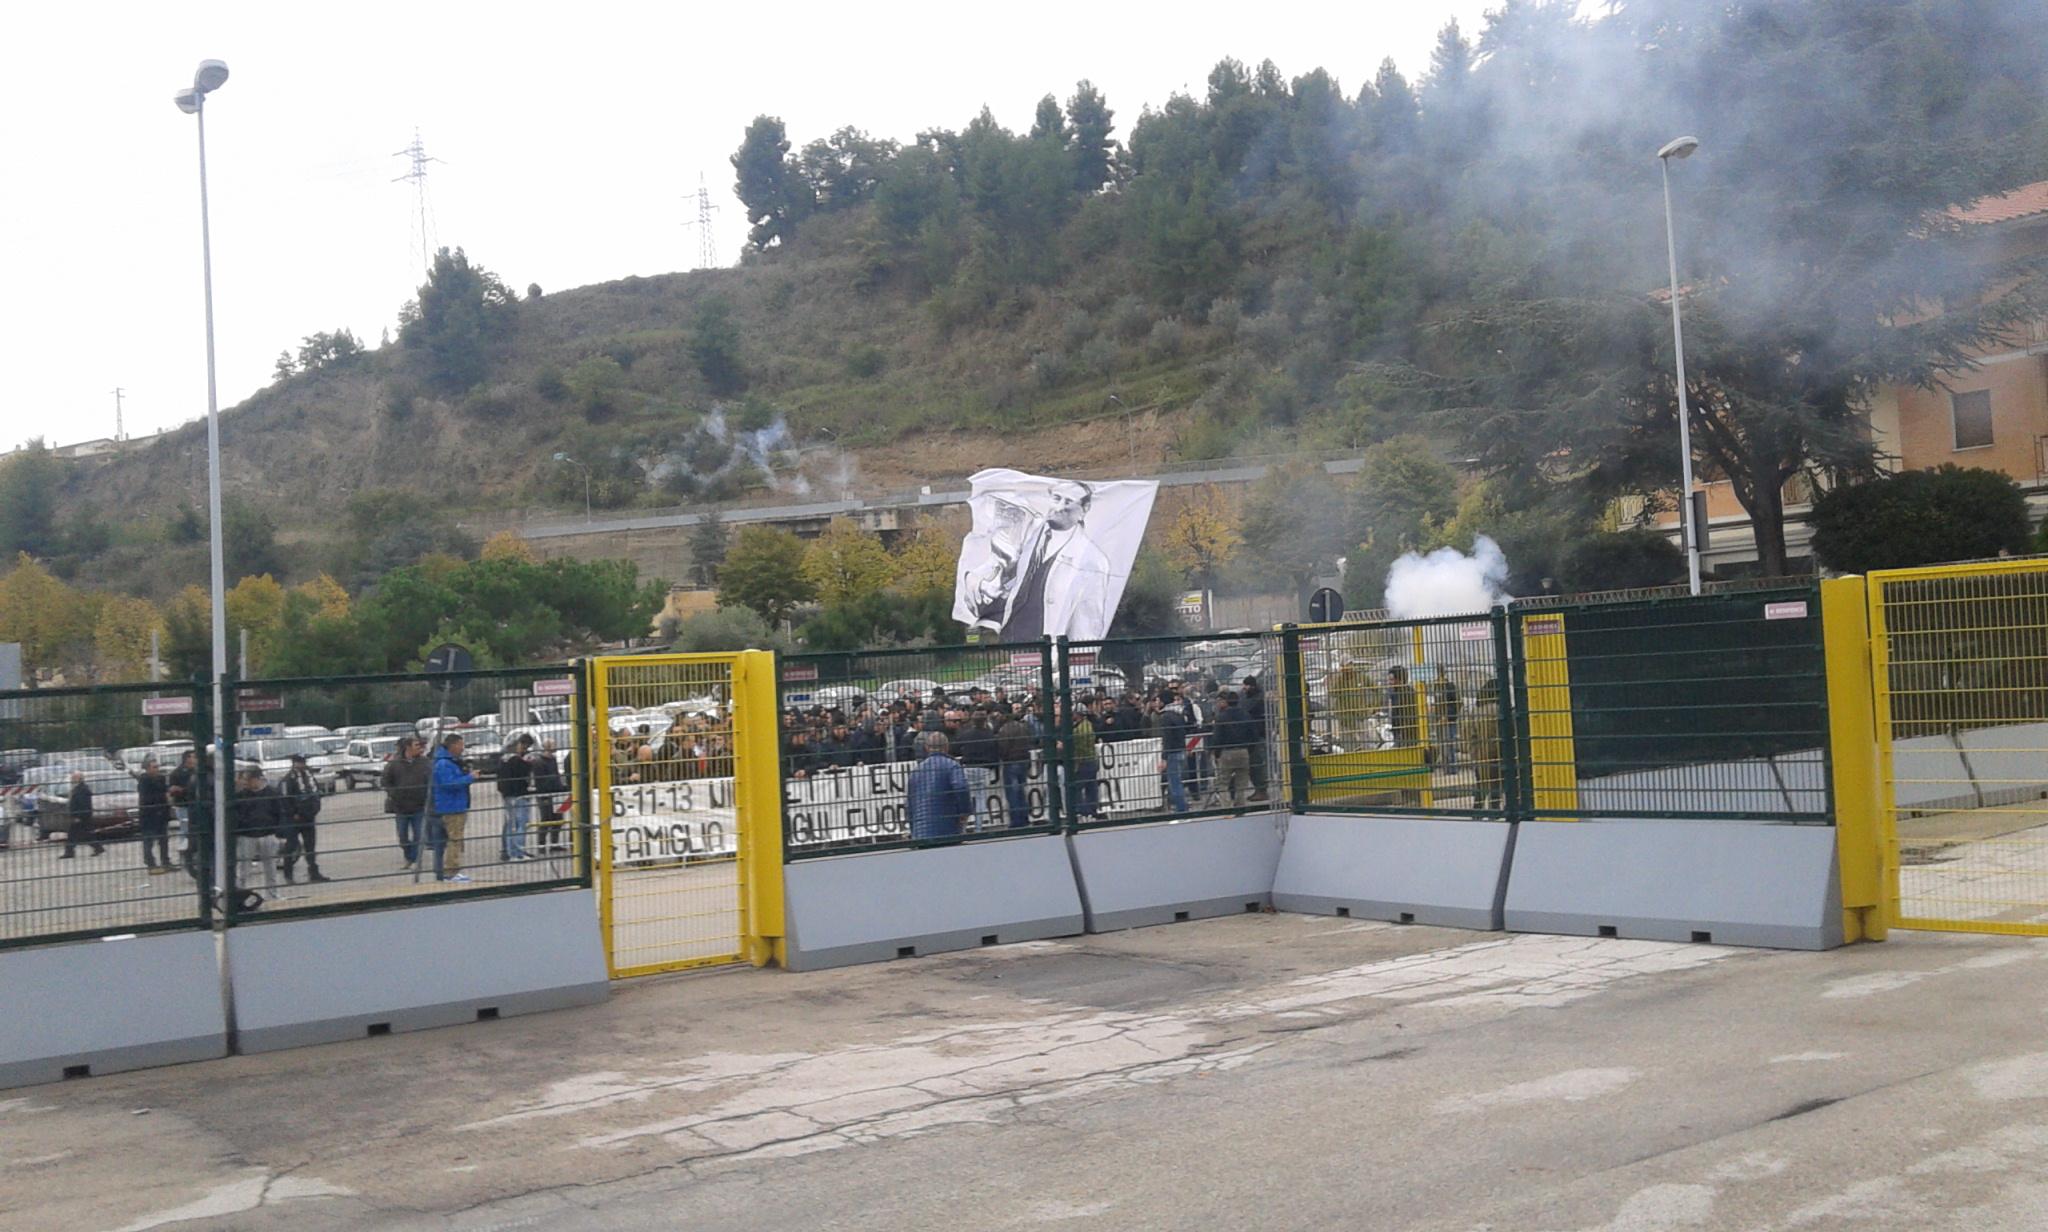 La protesta dei tifosi fuori dal piazzale